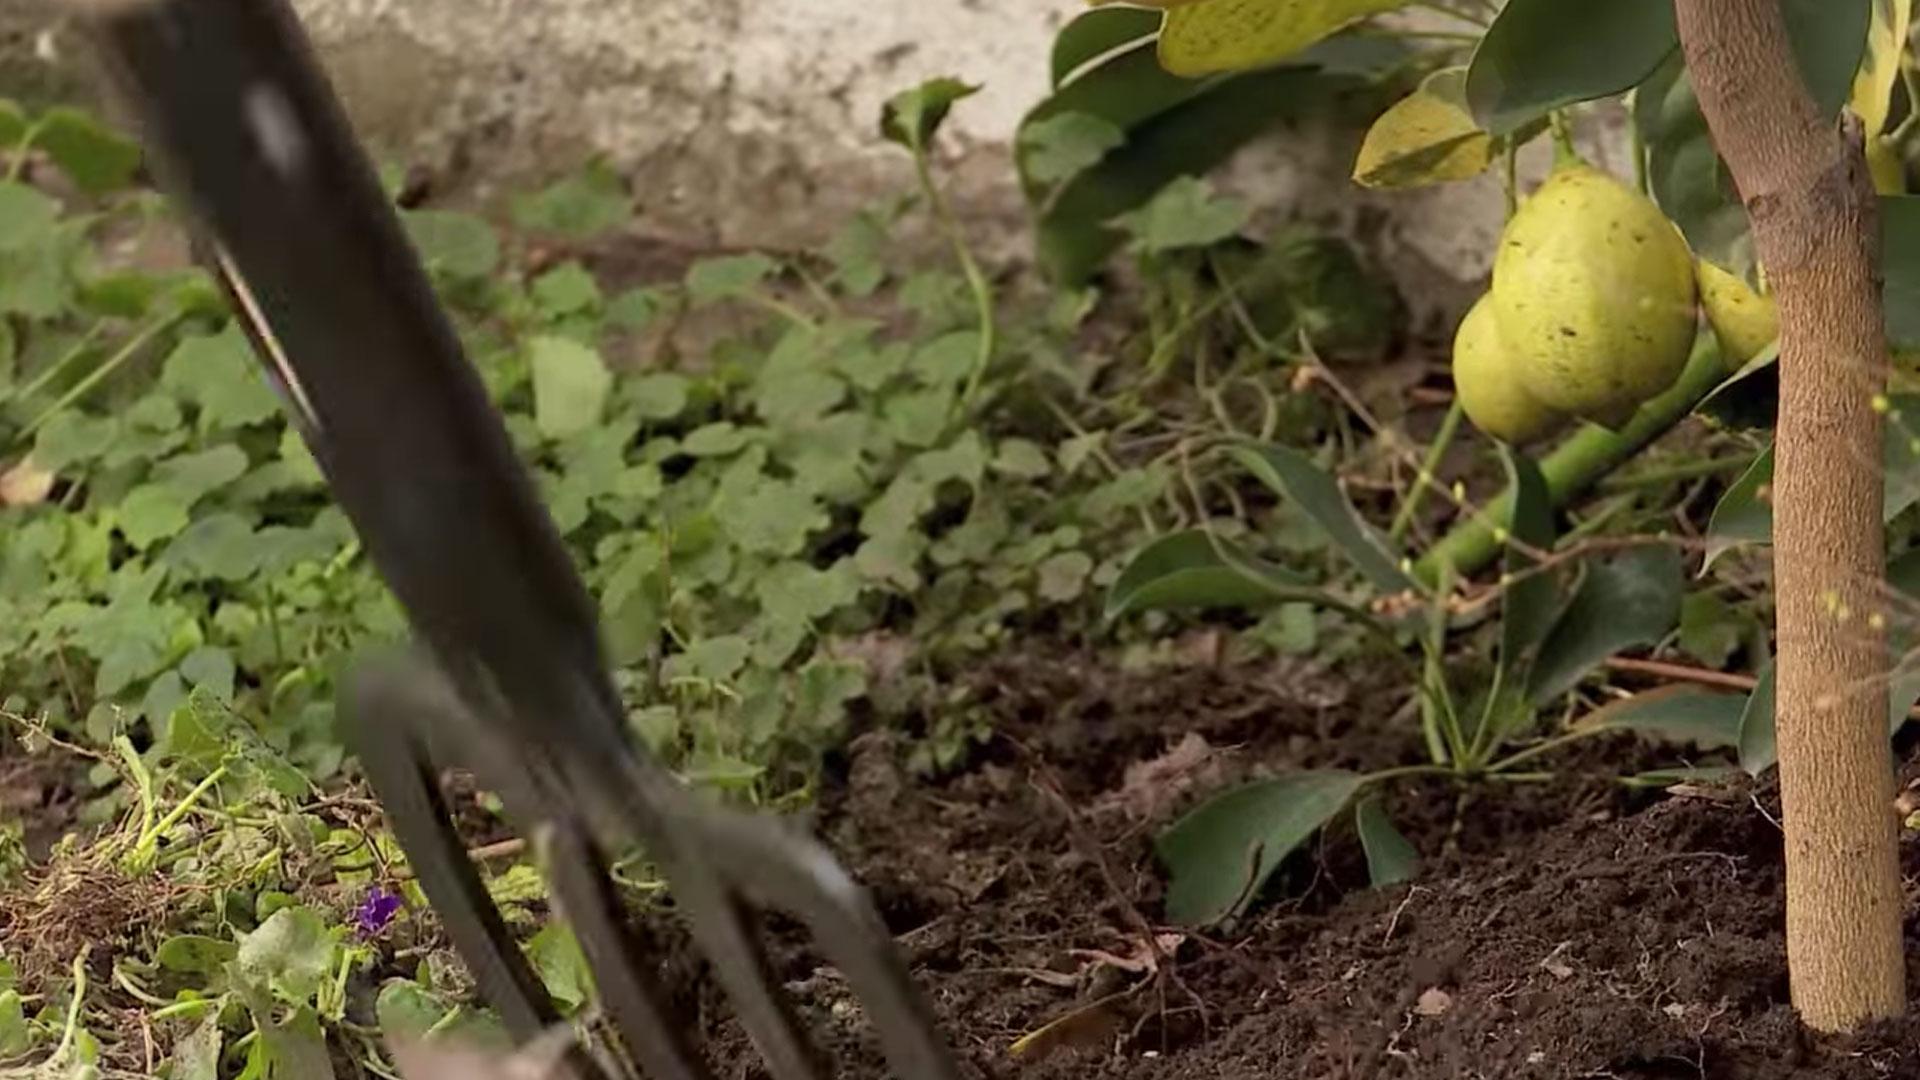 Si tras una lluvia o después de regar abundantemente el jardín, se aprecian charcos que permanecen por más tiempo del deseado, es síntoma de problemas de drenaje en el suelo. Un mal drenaje es más que un simple problema: es causa de muerte de las plantas. Préstele atención y aprenda a solucionar este desagradable problema que afecta a su jardín o al patio de su hogar.